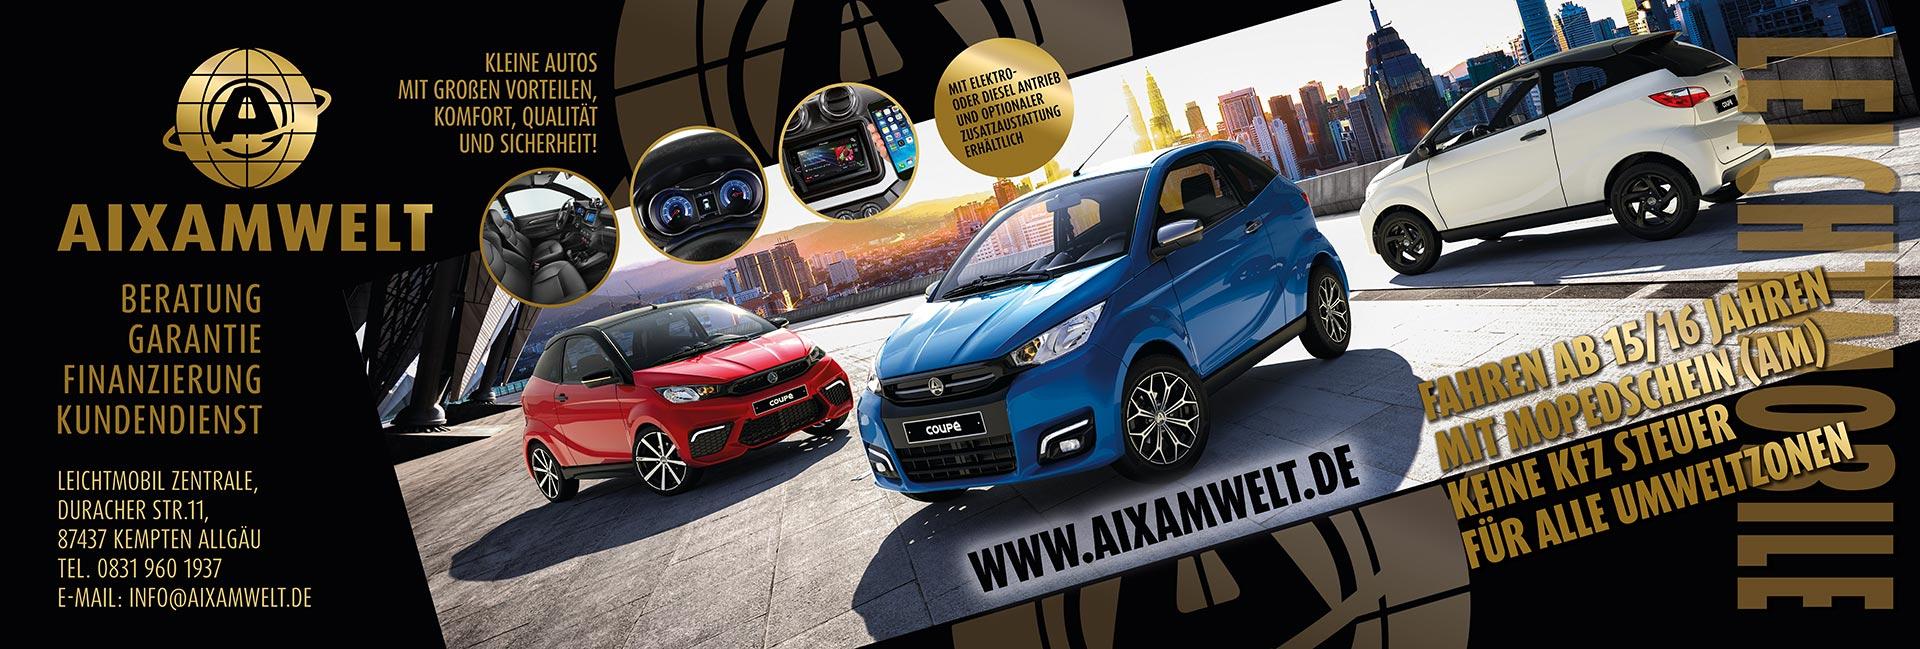 AIXAMWELT die Welt der Leichtmobile